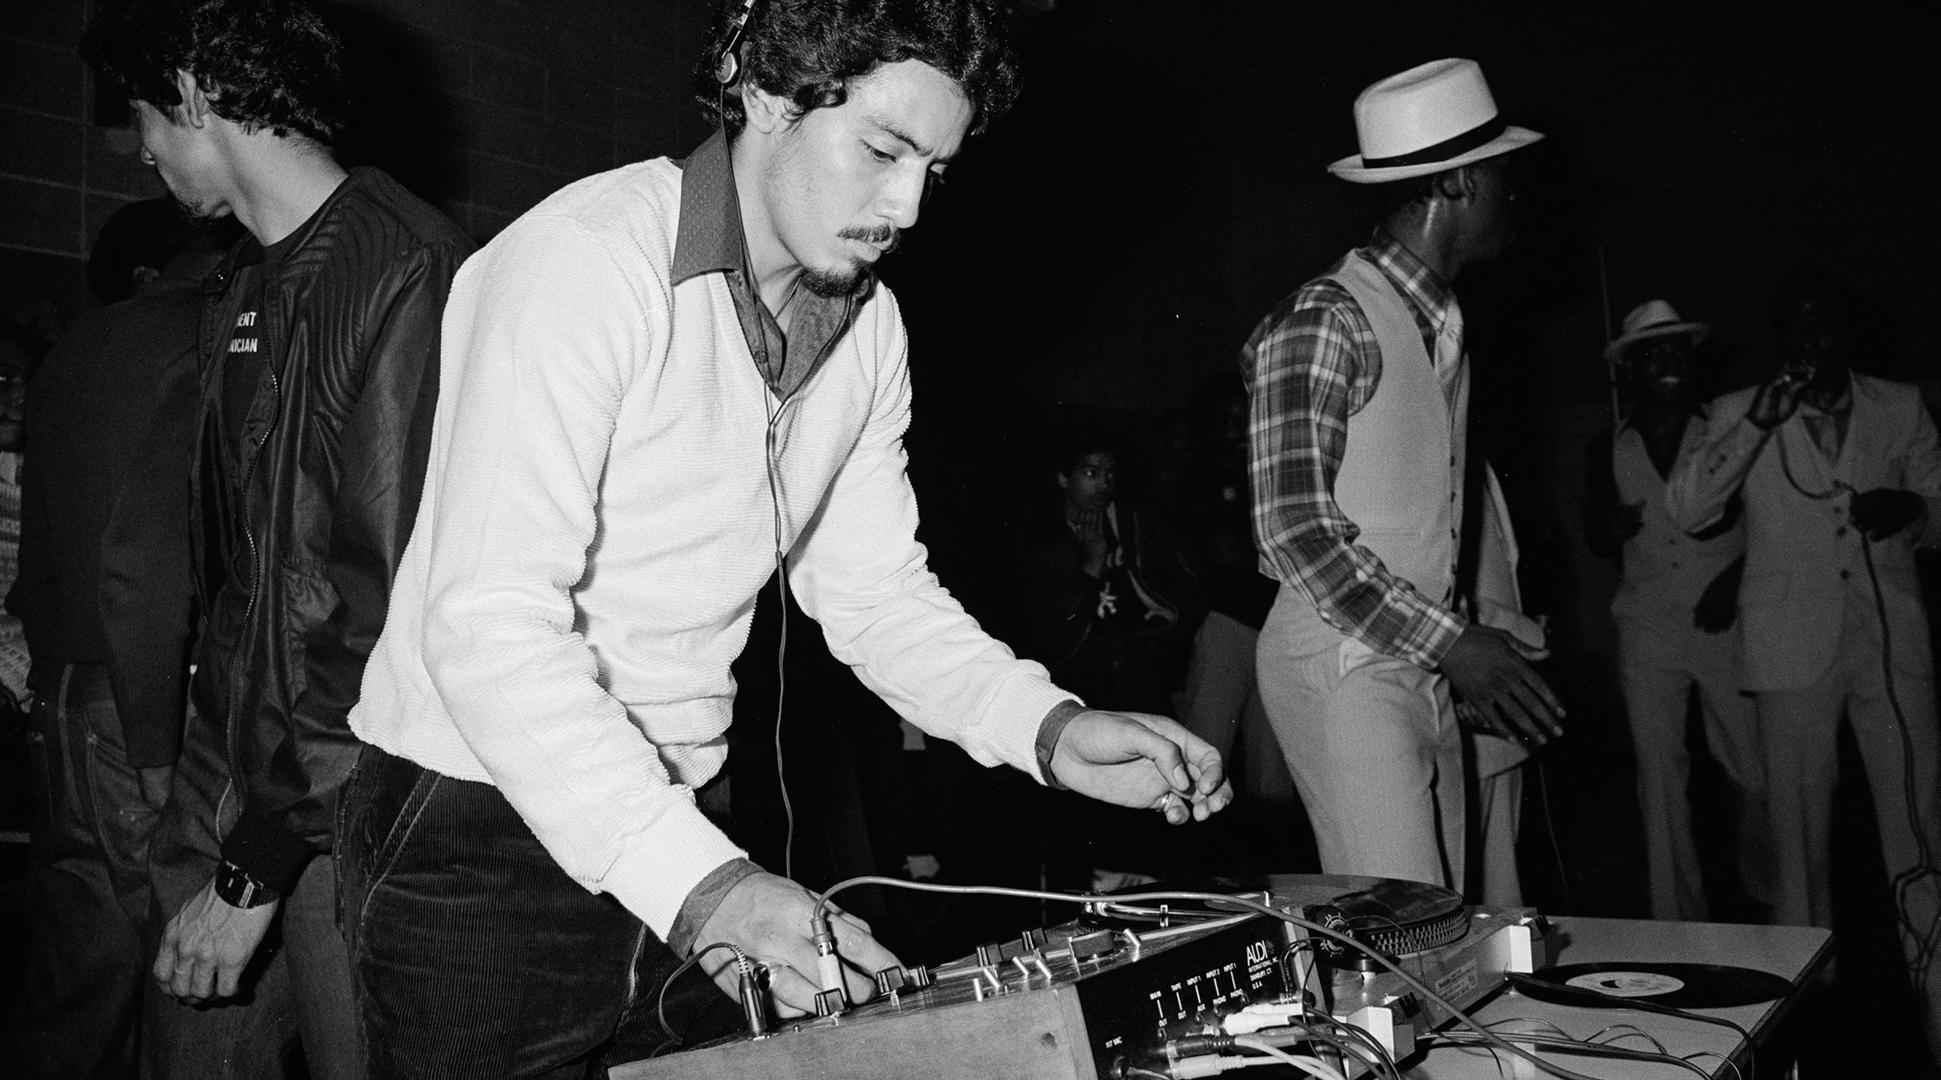 Từ bữa tiệc của DJ Kool Herc mà văn hoá hip-hop thực sự bắt đầu, mở ra một kỷ nguyên và một dòng nhạc xuất phát từ những thứ chân thực nhất của đường phố và xã hội.